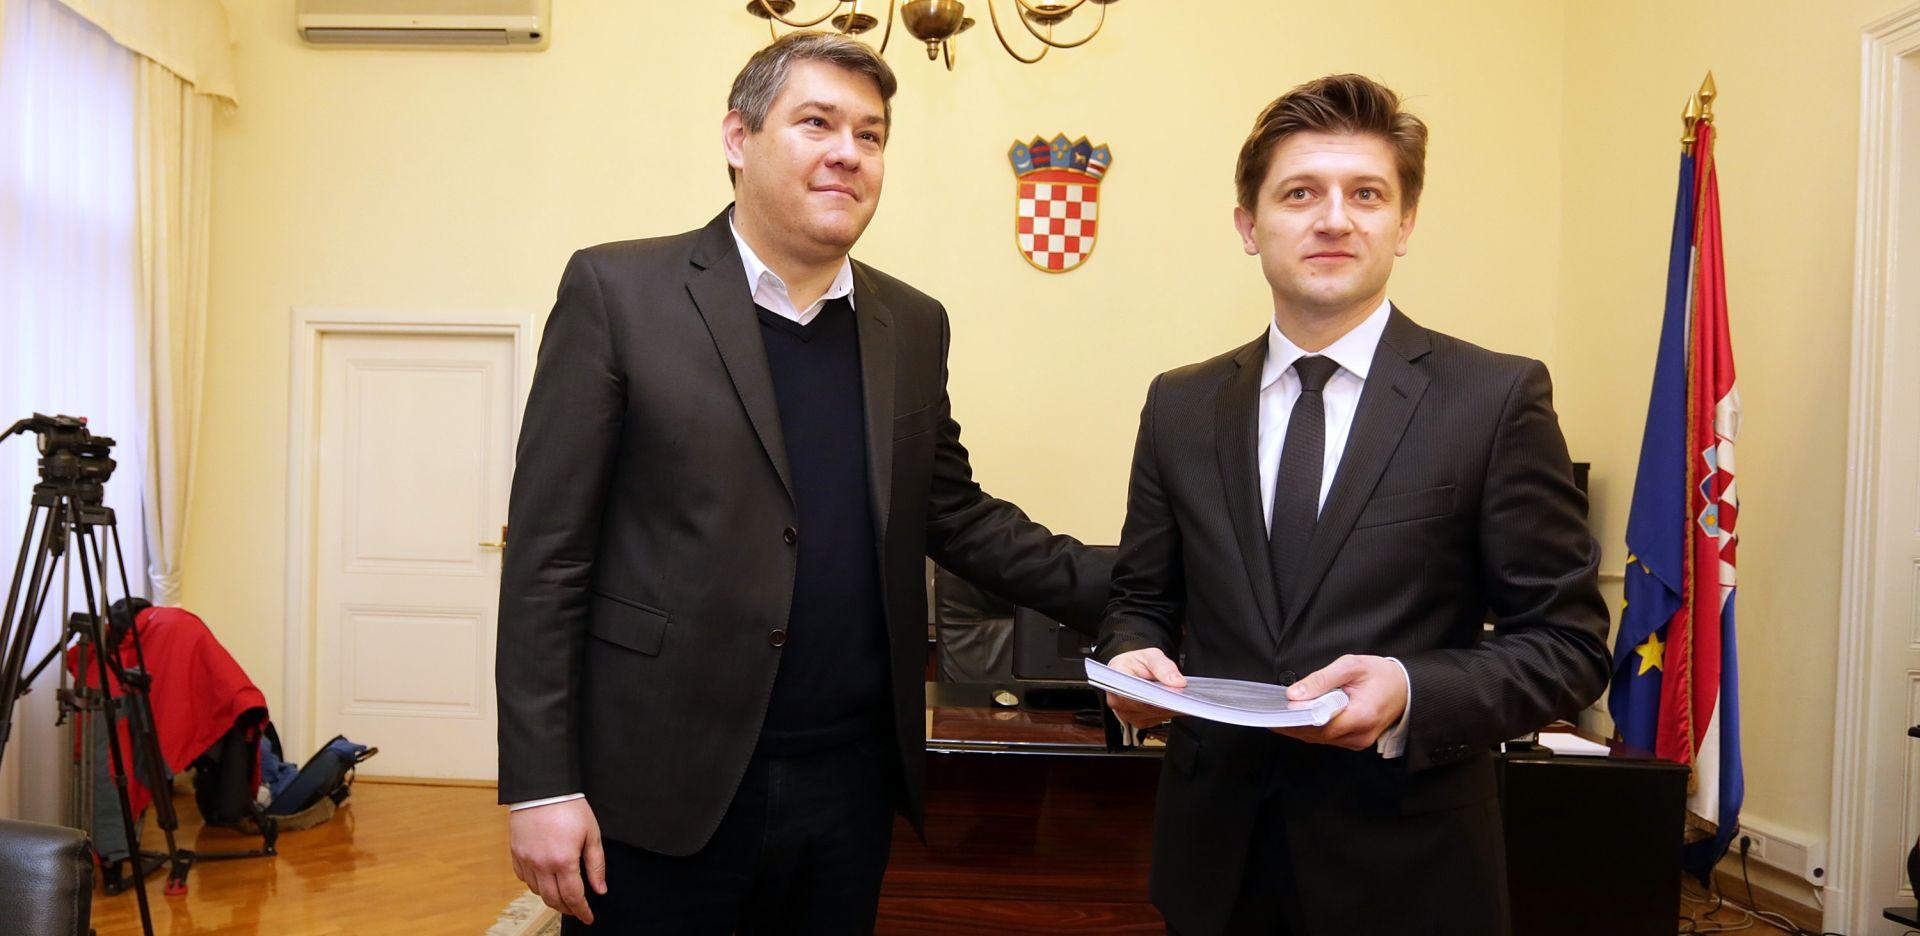 Službene primopredaje u ministarstvima, prvi posao – proračun